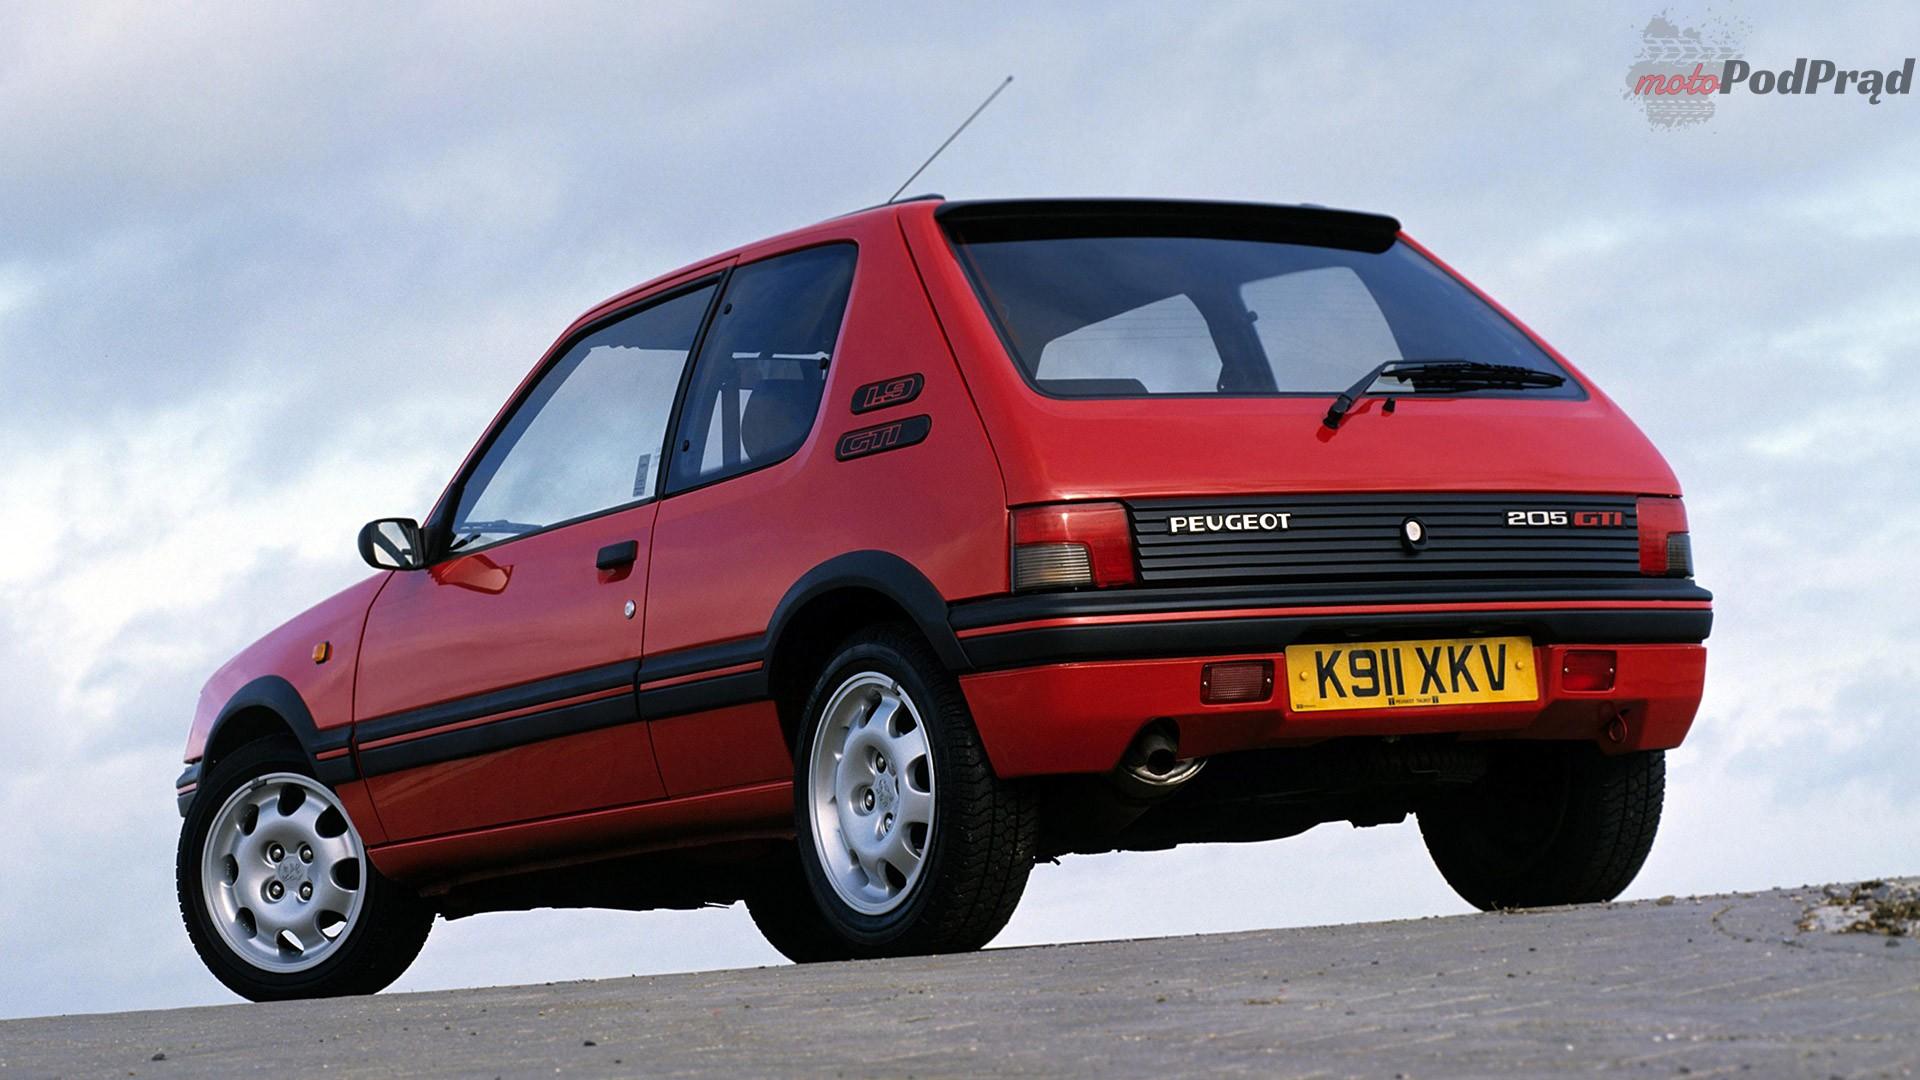 1984 Peugeot 205 GTI V9 1080 Przełomowe samochody lat 80.